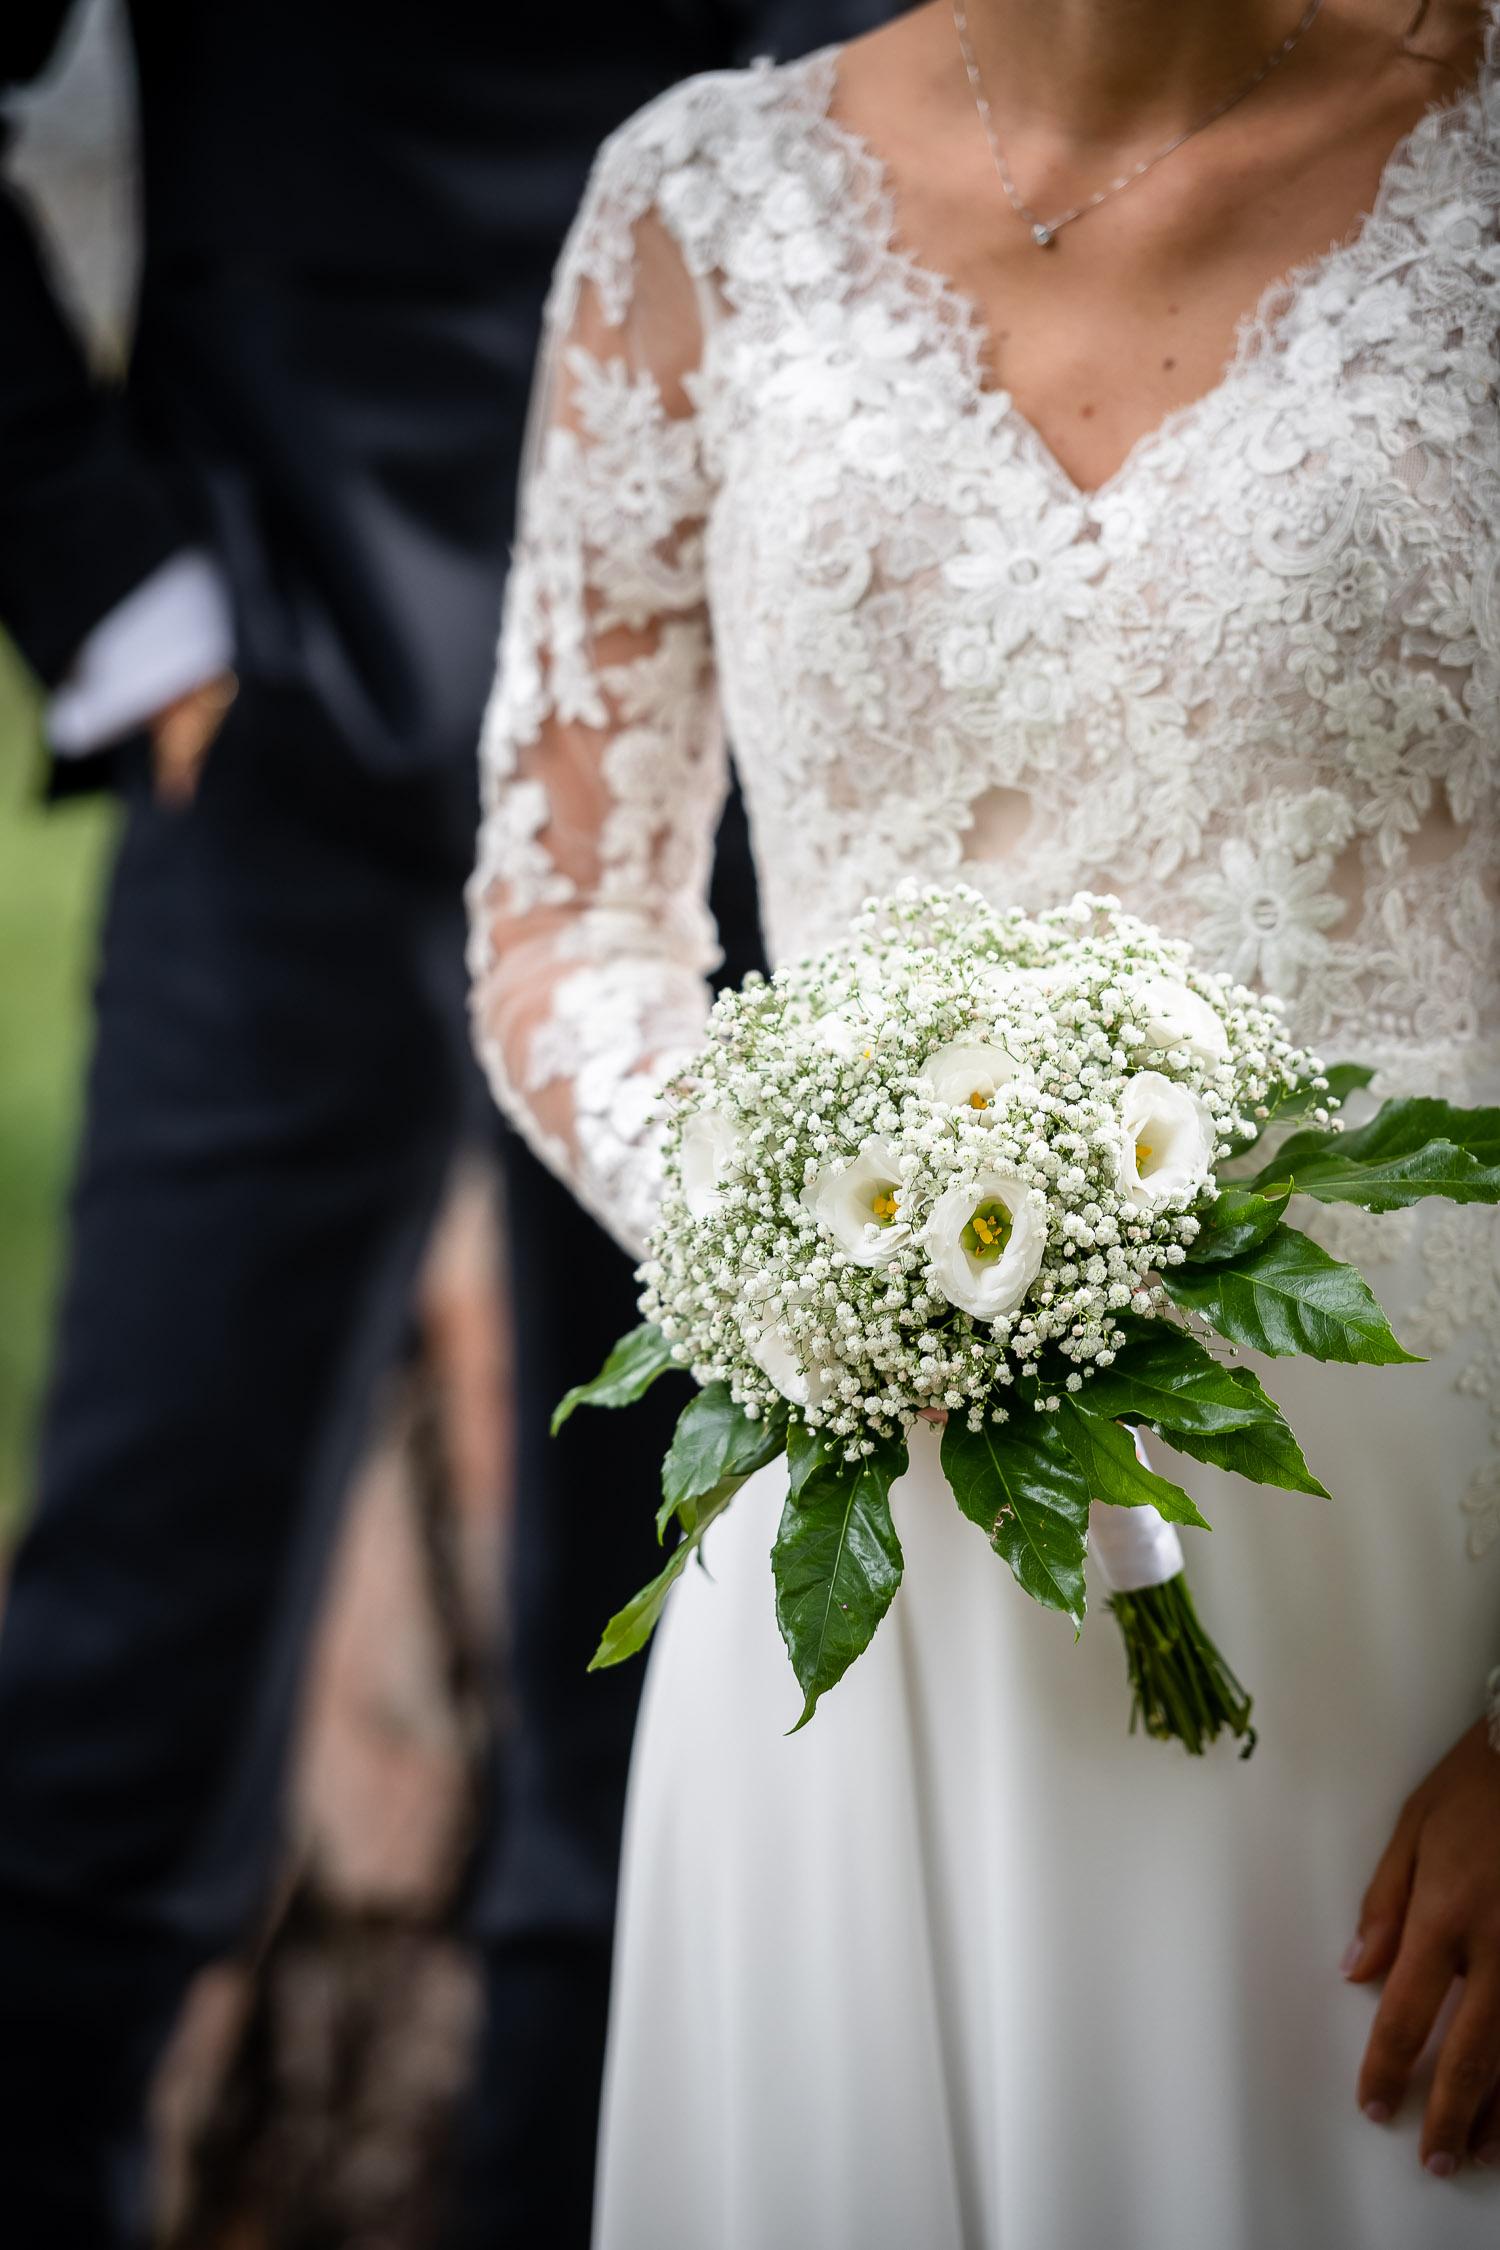 Matrimonio-romantico-in-piemonte-Cumiana-Paolo-Mantovan-fotografia-0111